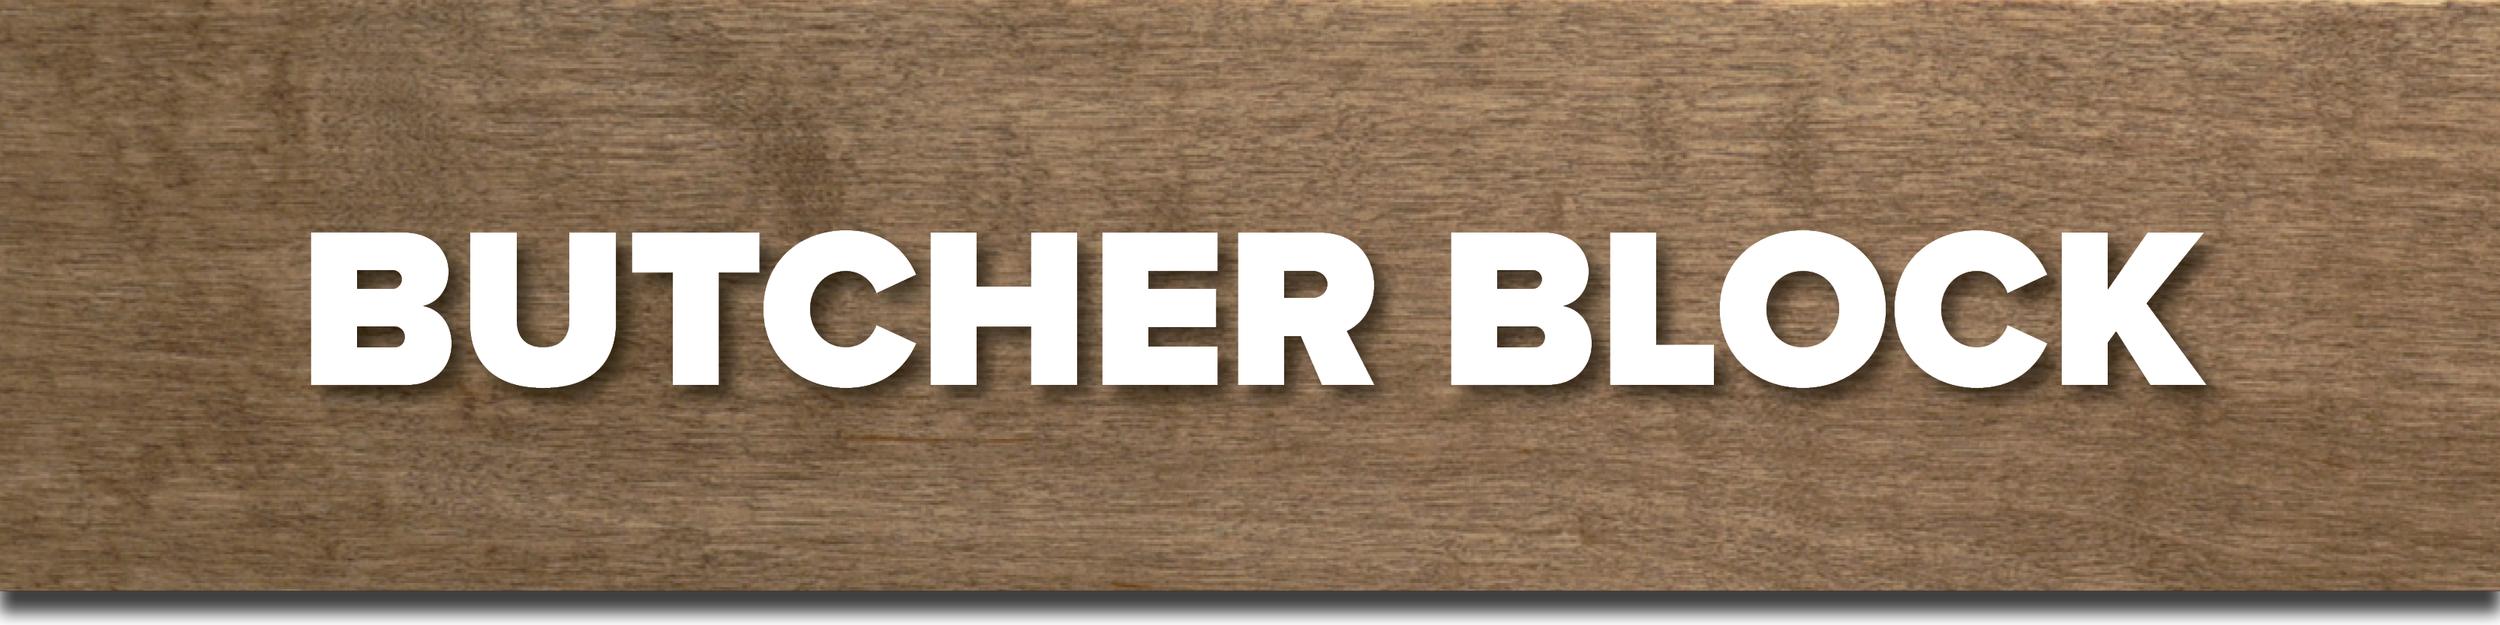 Butcher Block.png